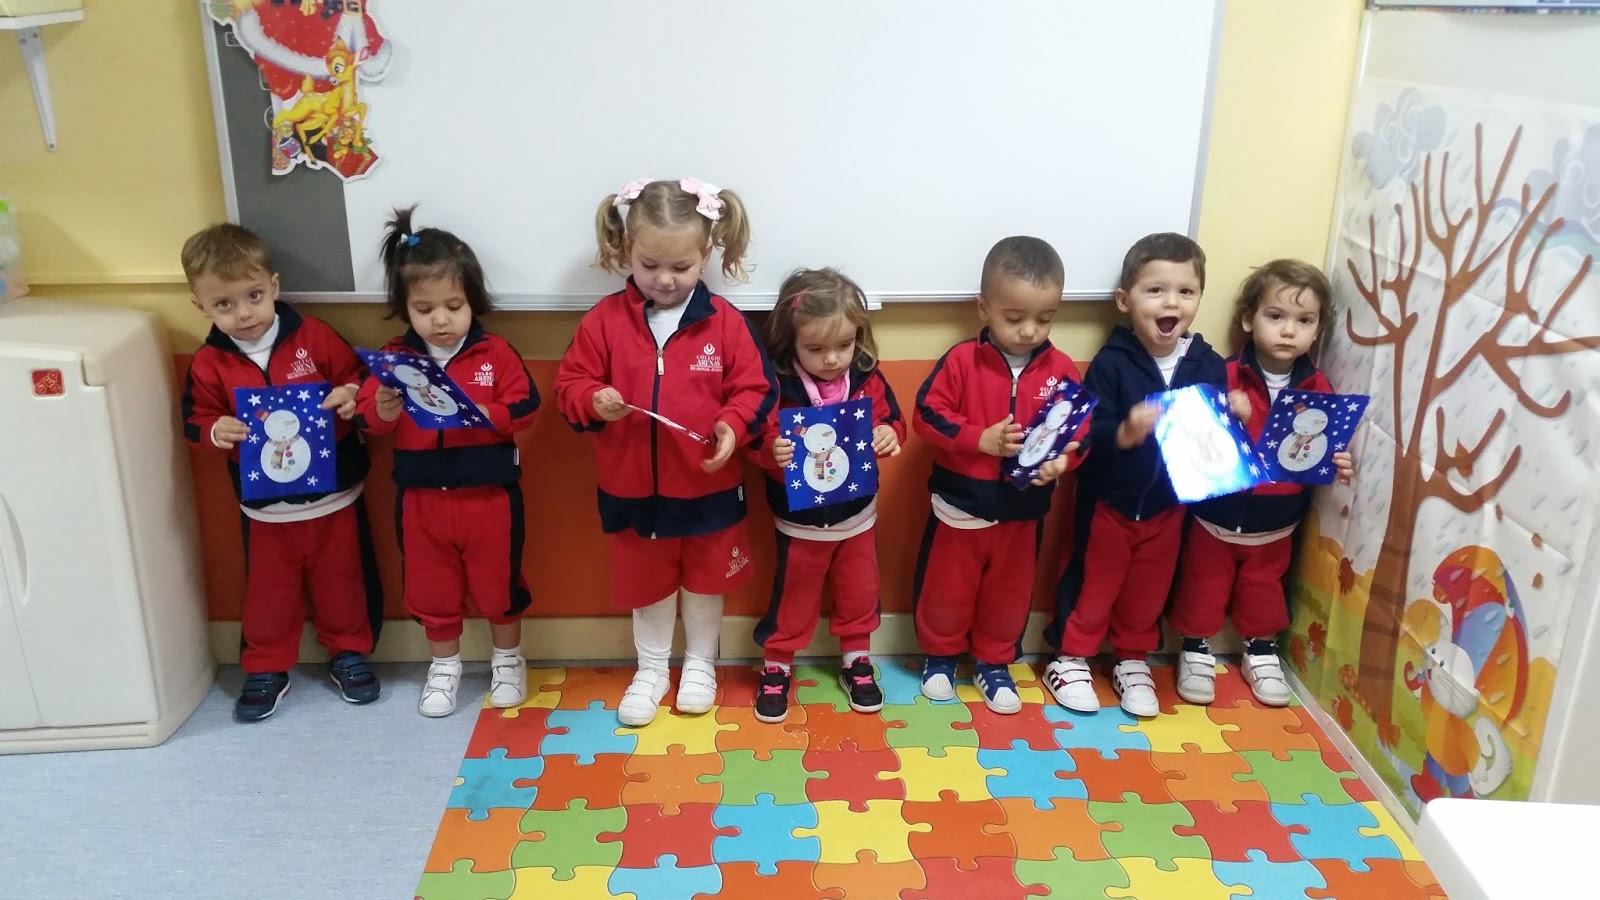 Trazos de colores decoraci n de navidad en las aulas de - Decoracion navidad infantil ...